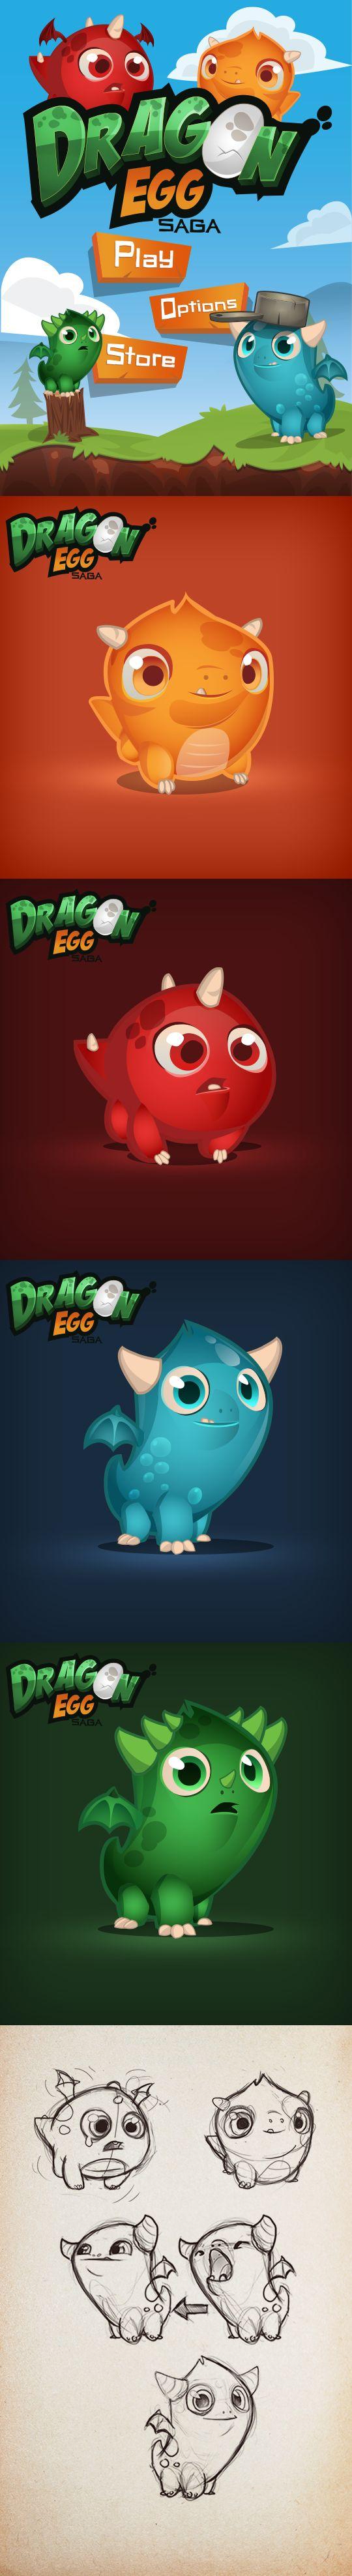 Dragon Egg Saga on Behance